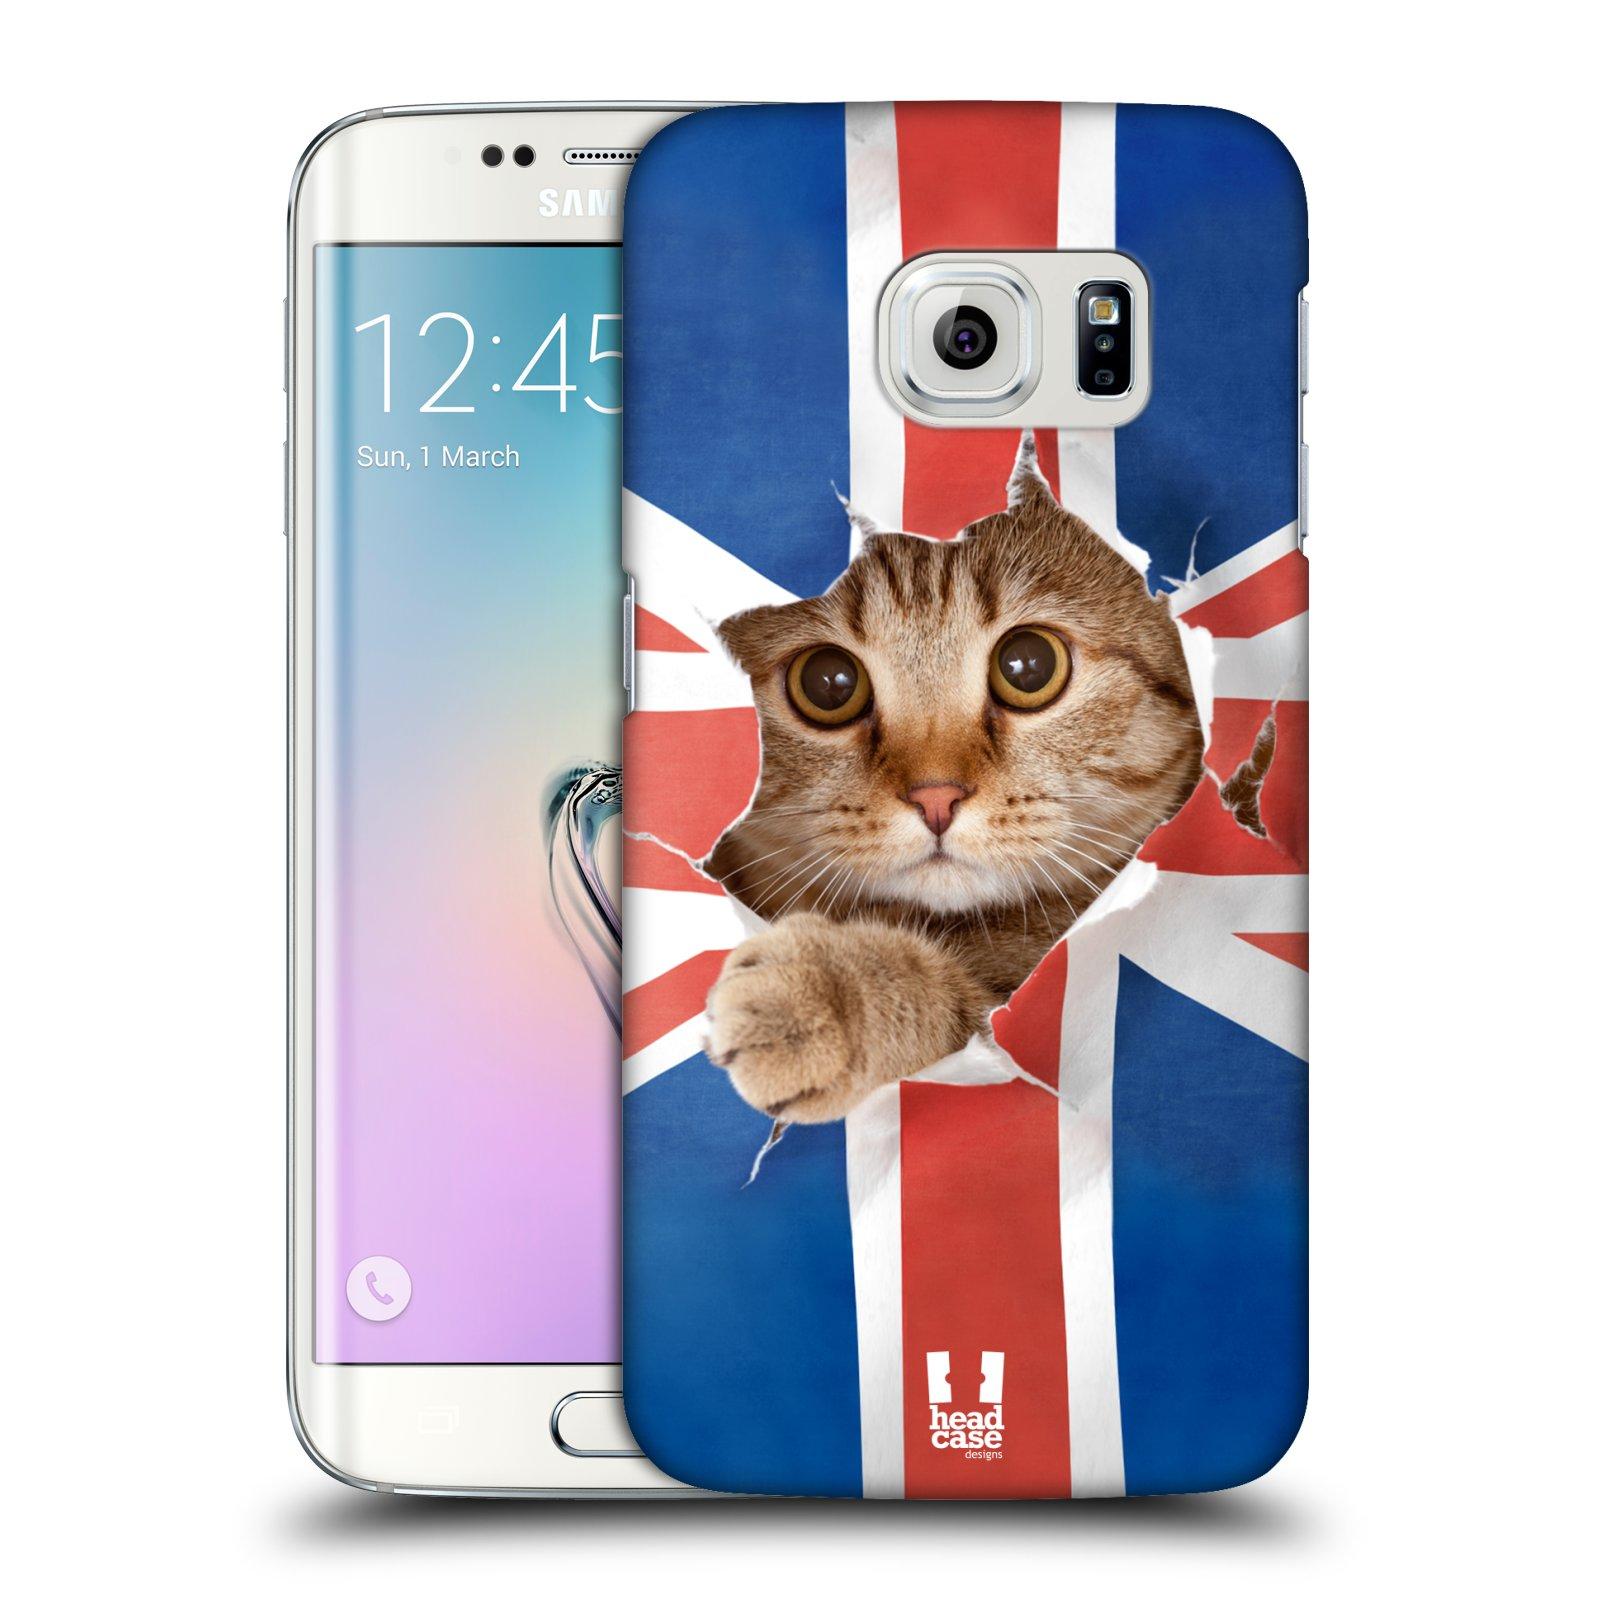 Plastové pouzdro na mobil Samsung Galaxy S6 Edge HEAD CASE KOČKA A VLAJKA (Kryt či obal na mobilní telefon Samsung Galaxy S6 Edge SM-G925F)